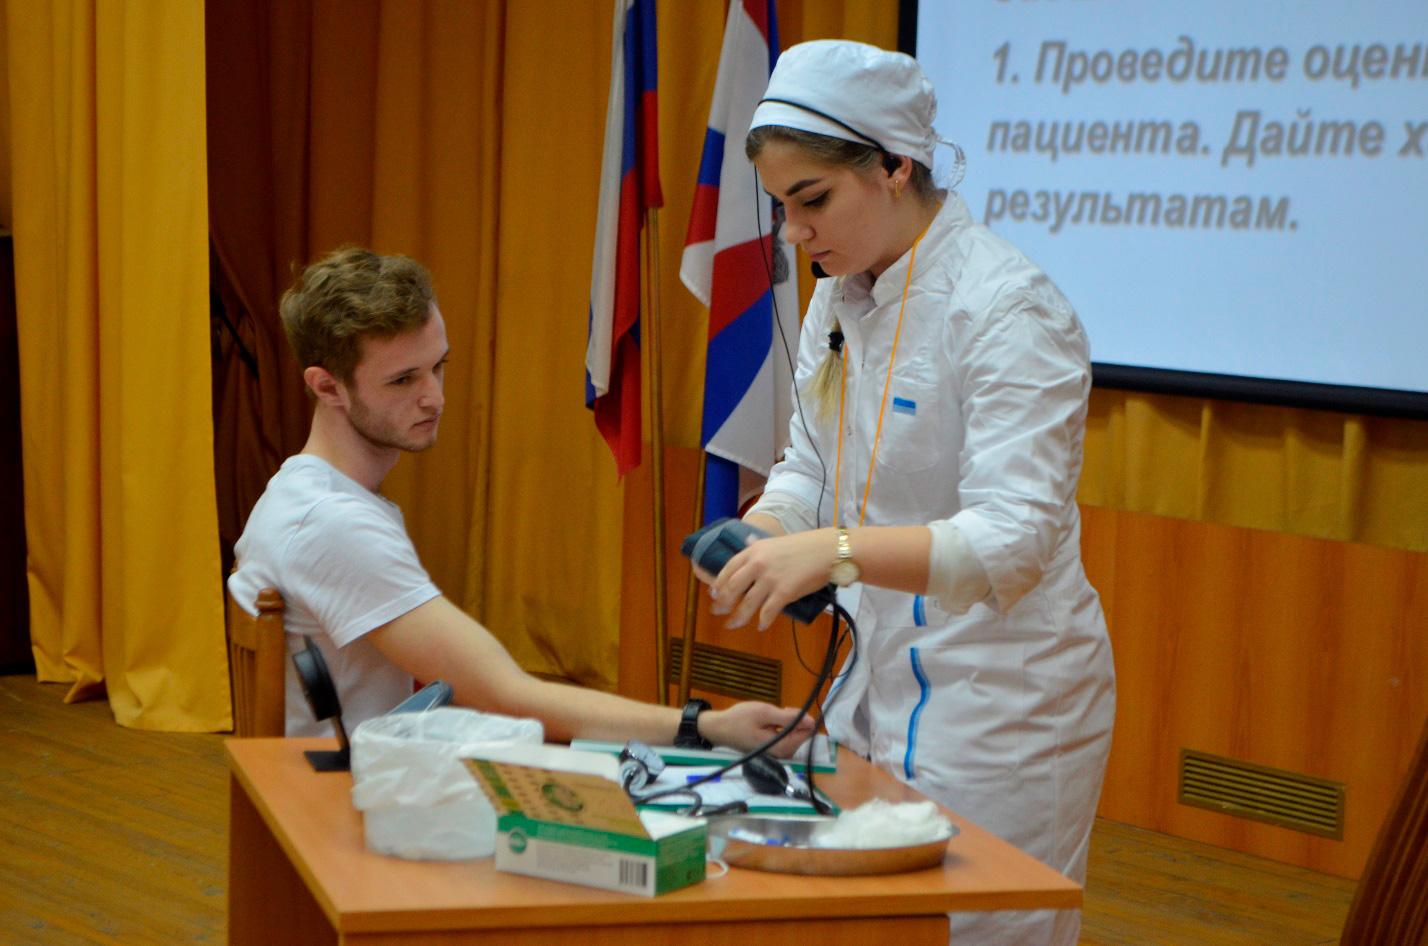 Конкурс профессионального мастерства среди студентов 1 курса медицинского колледжа филиала «В начале славного пути»